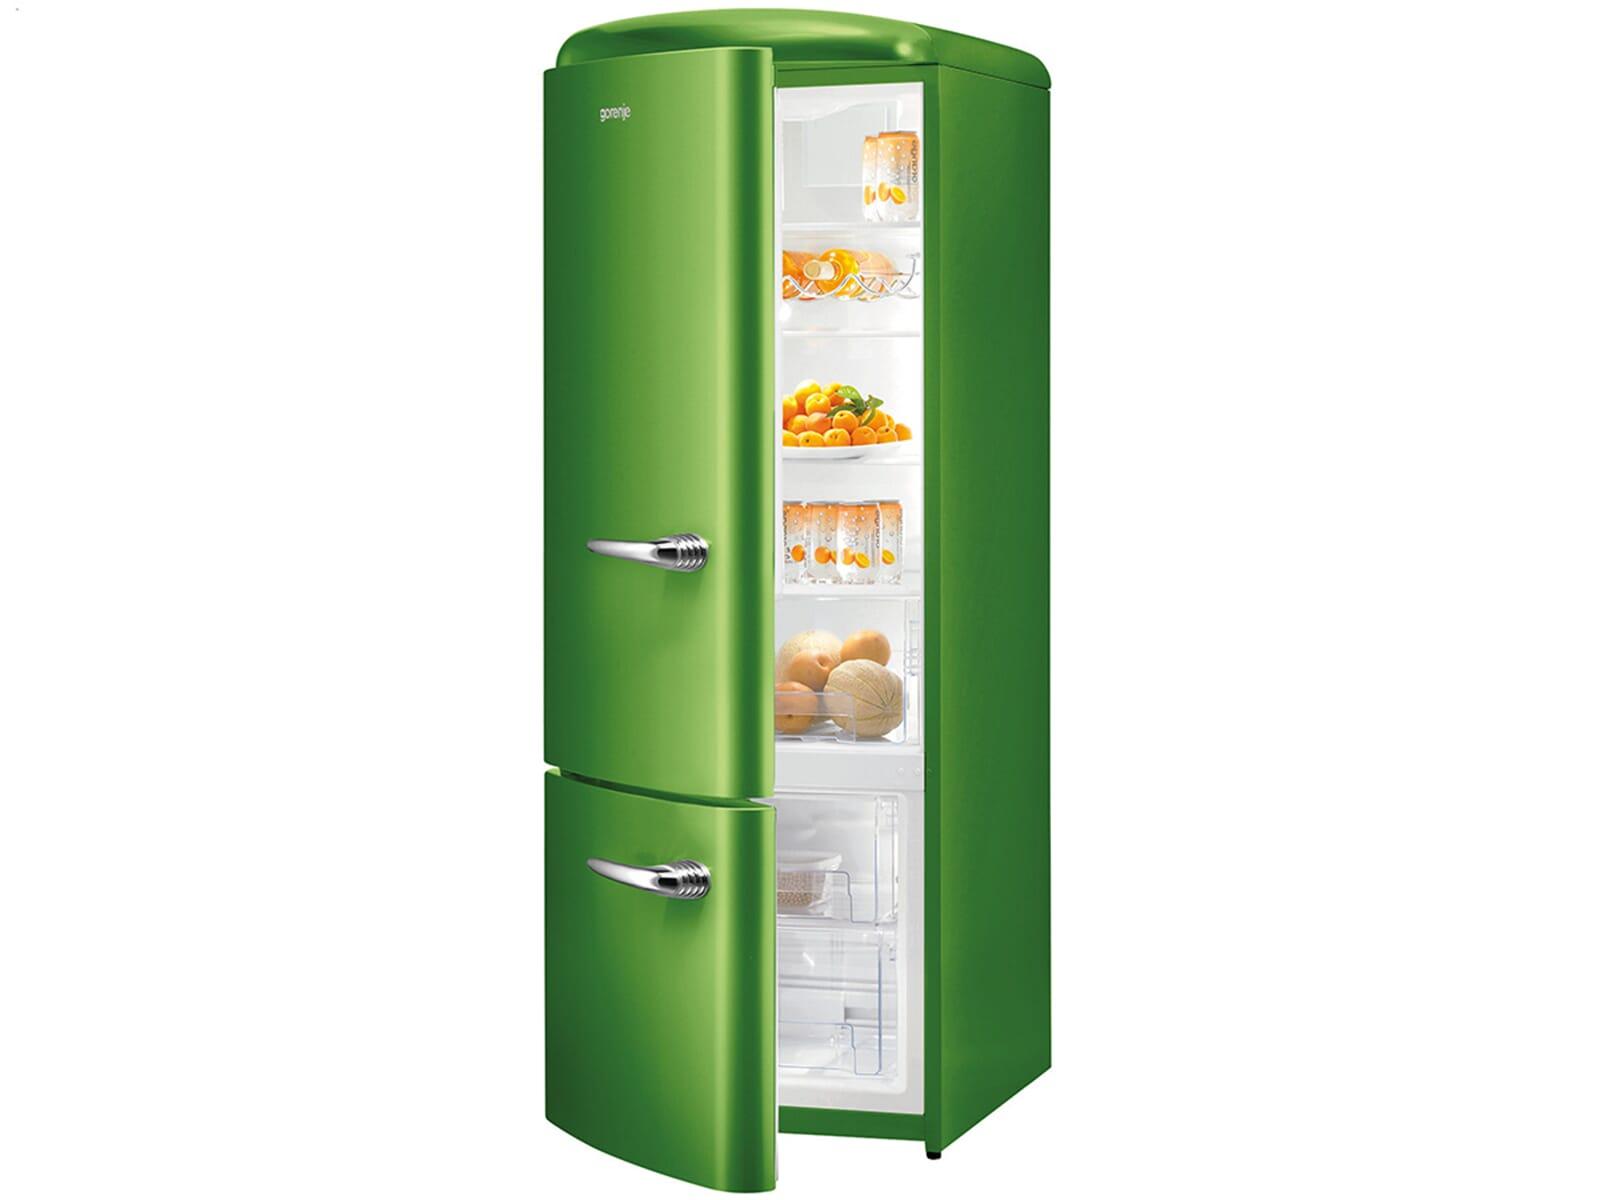 gorenje rk 60319 ogr l stand k hl gefrier kombination lime green k hlger t gr n ebay. Black Bedroom Furniture Sets. Home Design Ideas